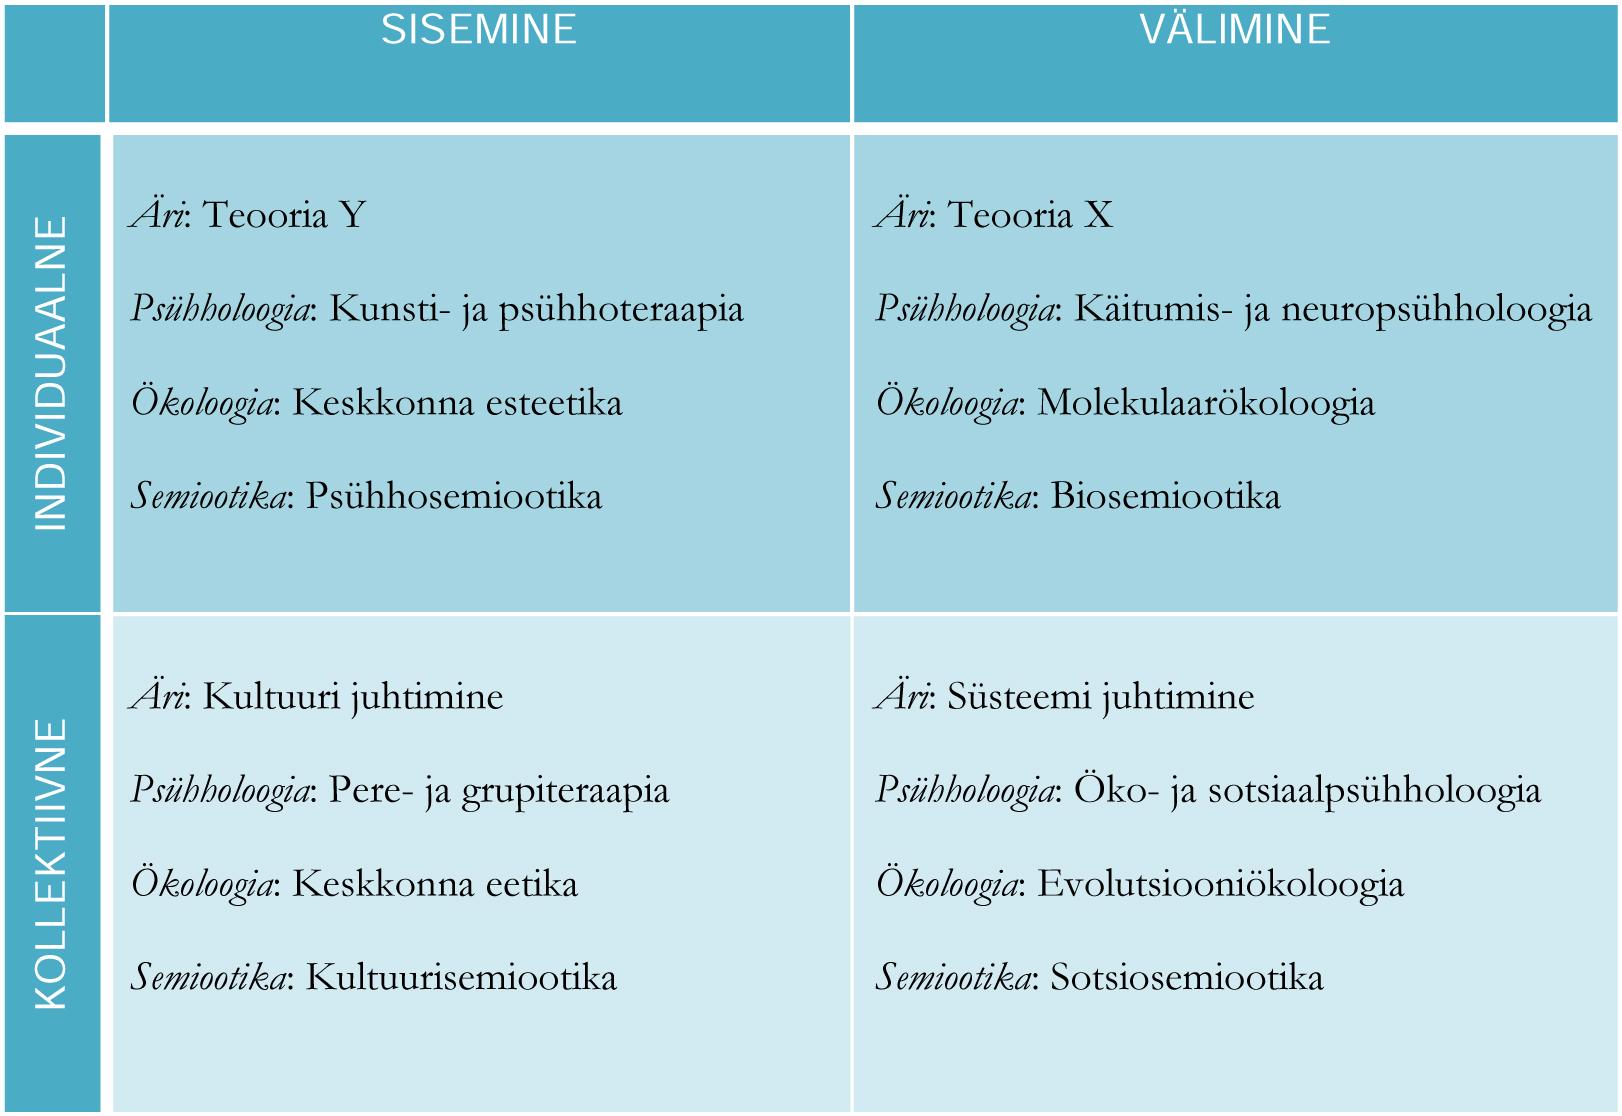 Joonis 3. Näide, kuidas neli eluveerandit aitavad selgemini klassifitseerida erinevate eluvaldkondade harusid, mis keskenduvad erinevatele elumõõtmetele.